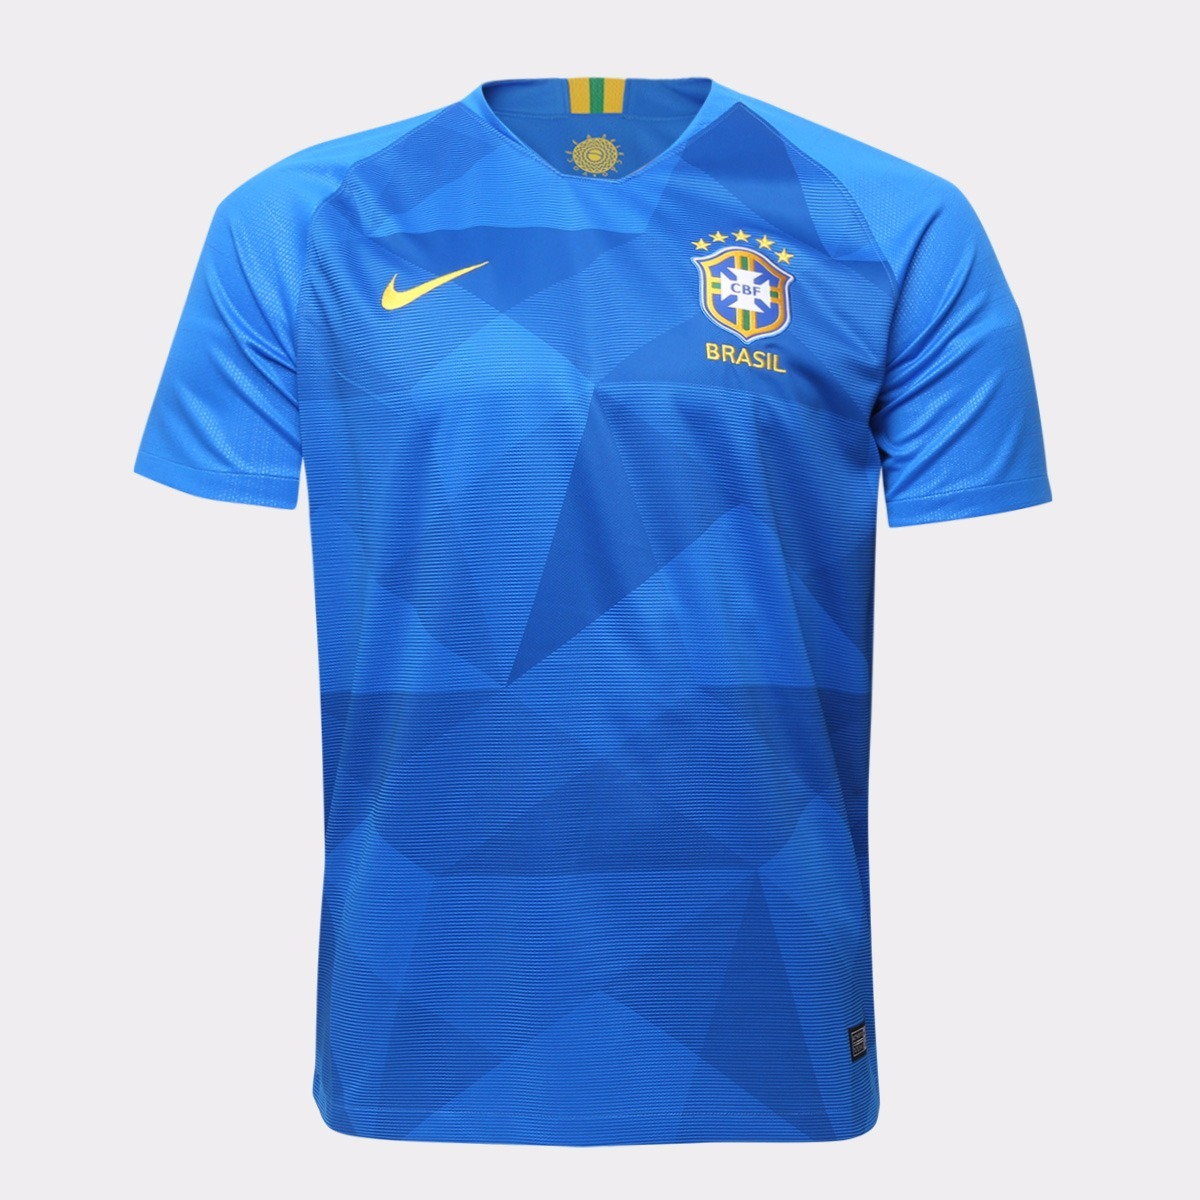 camisa seleção brasileira nike azul amarela 2018 - masculina. Carregando  zoom. 4c57d17adedd1